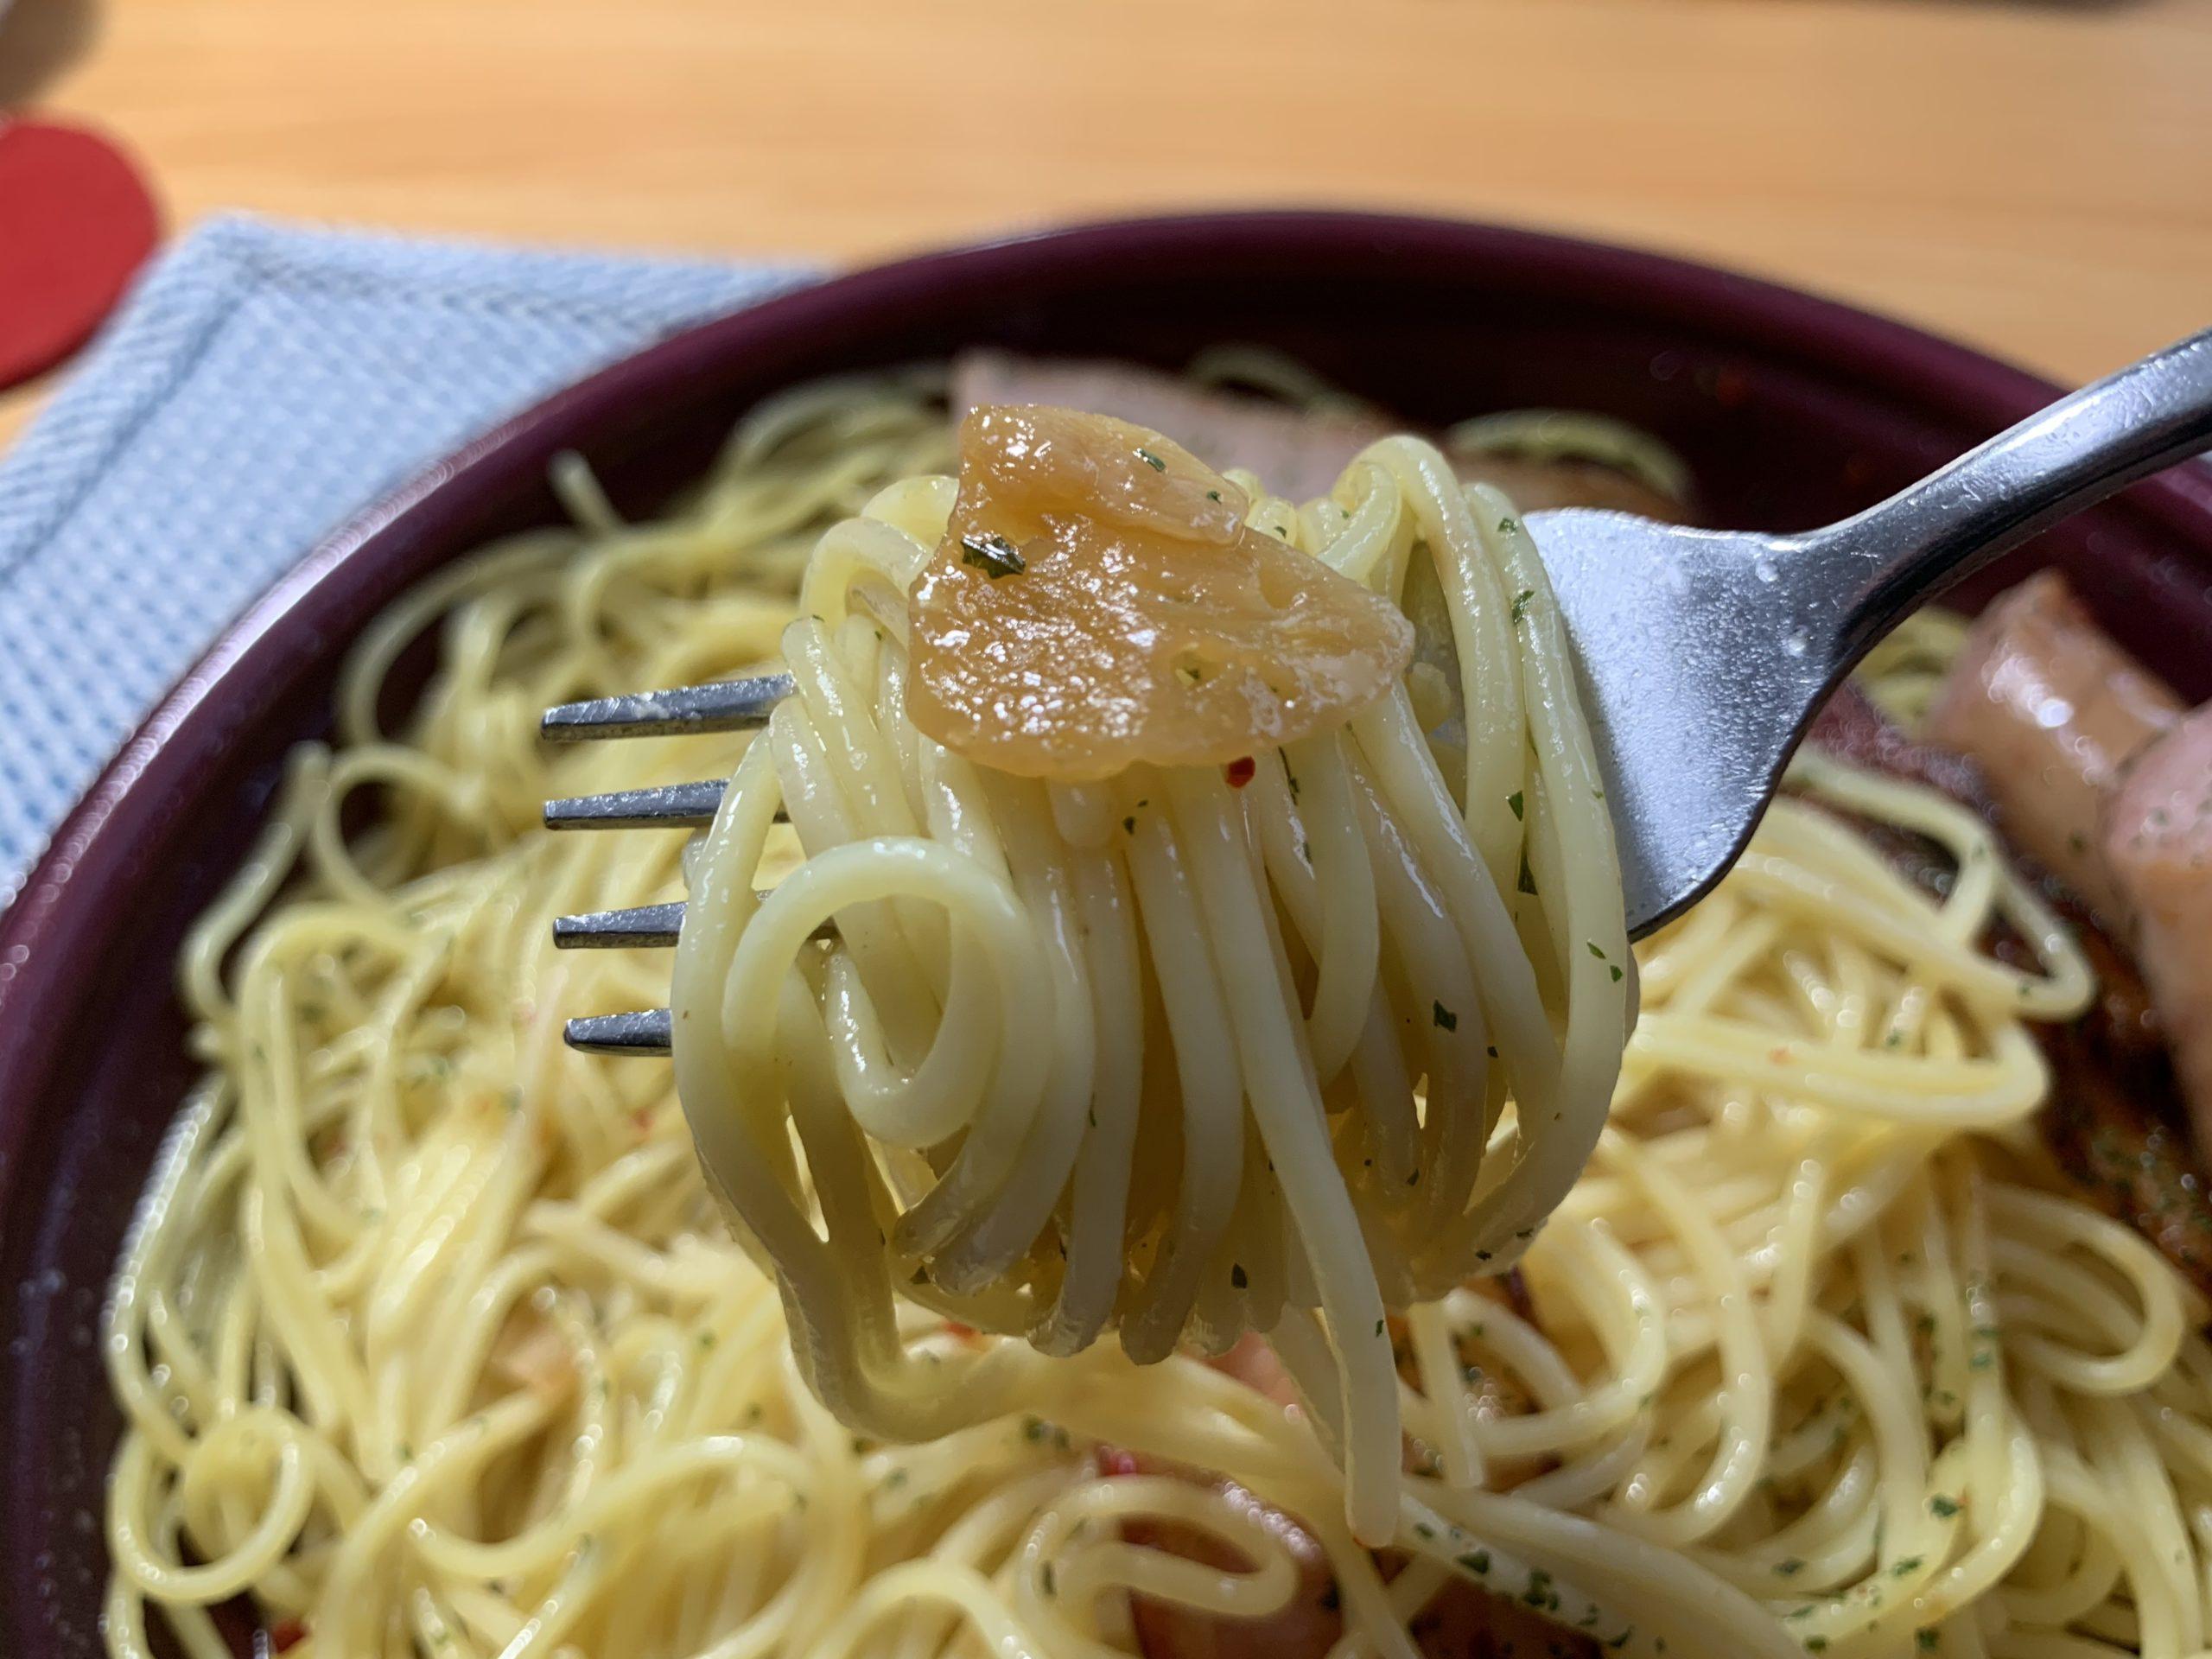 ソーセージとベーコンの大盛りペペロンチーノの麺とニンニク